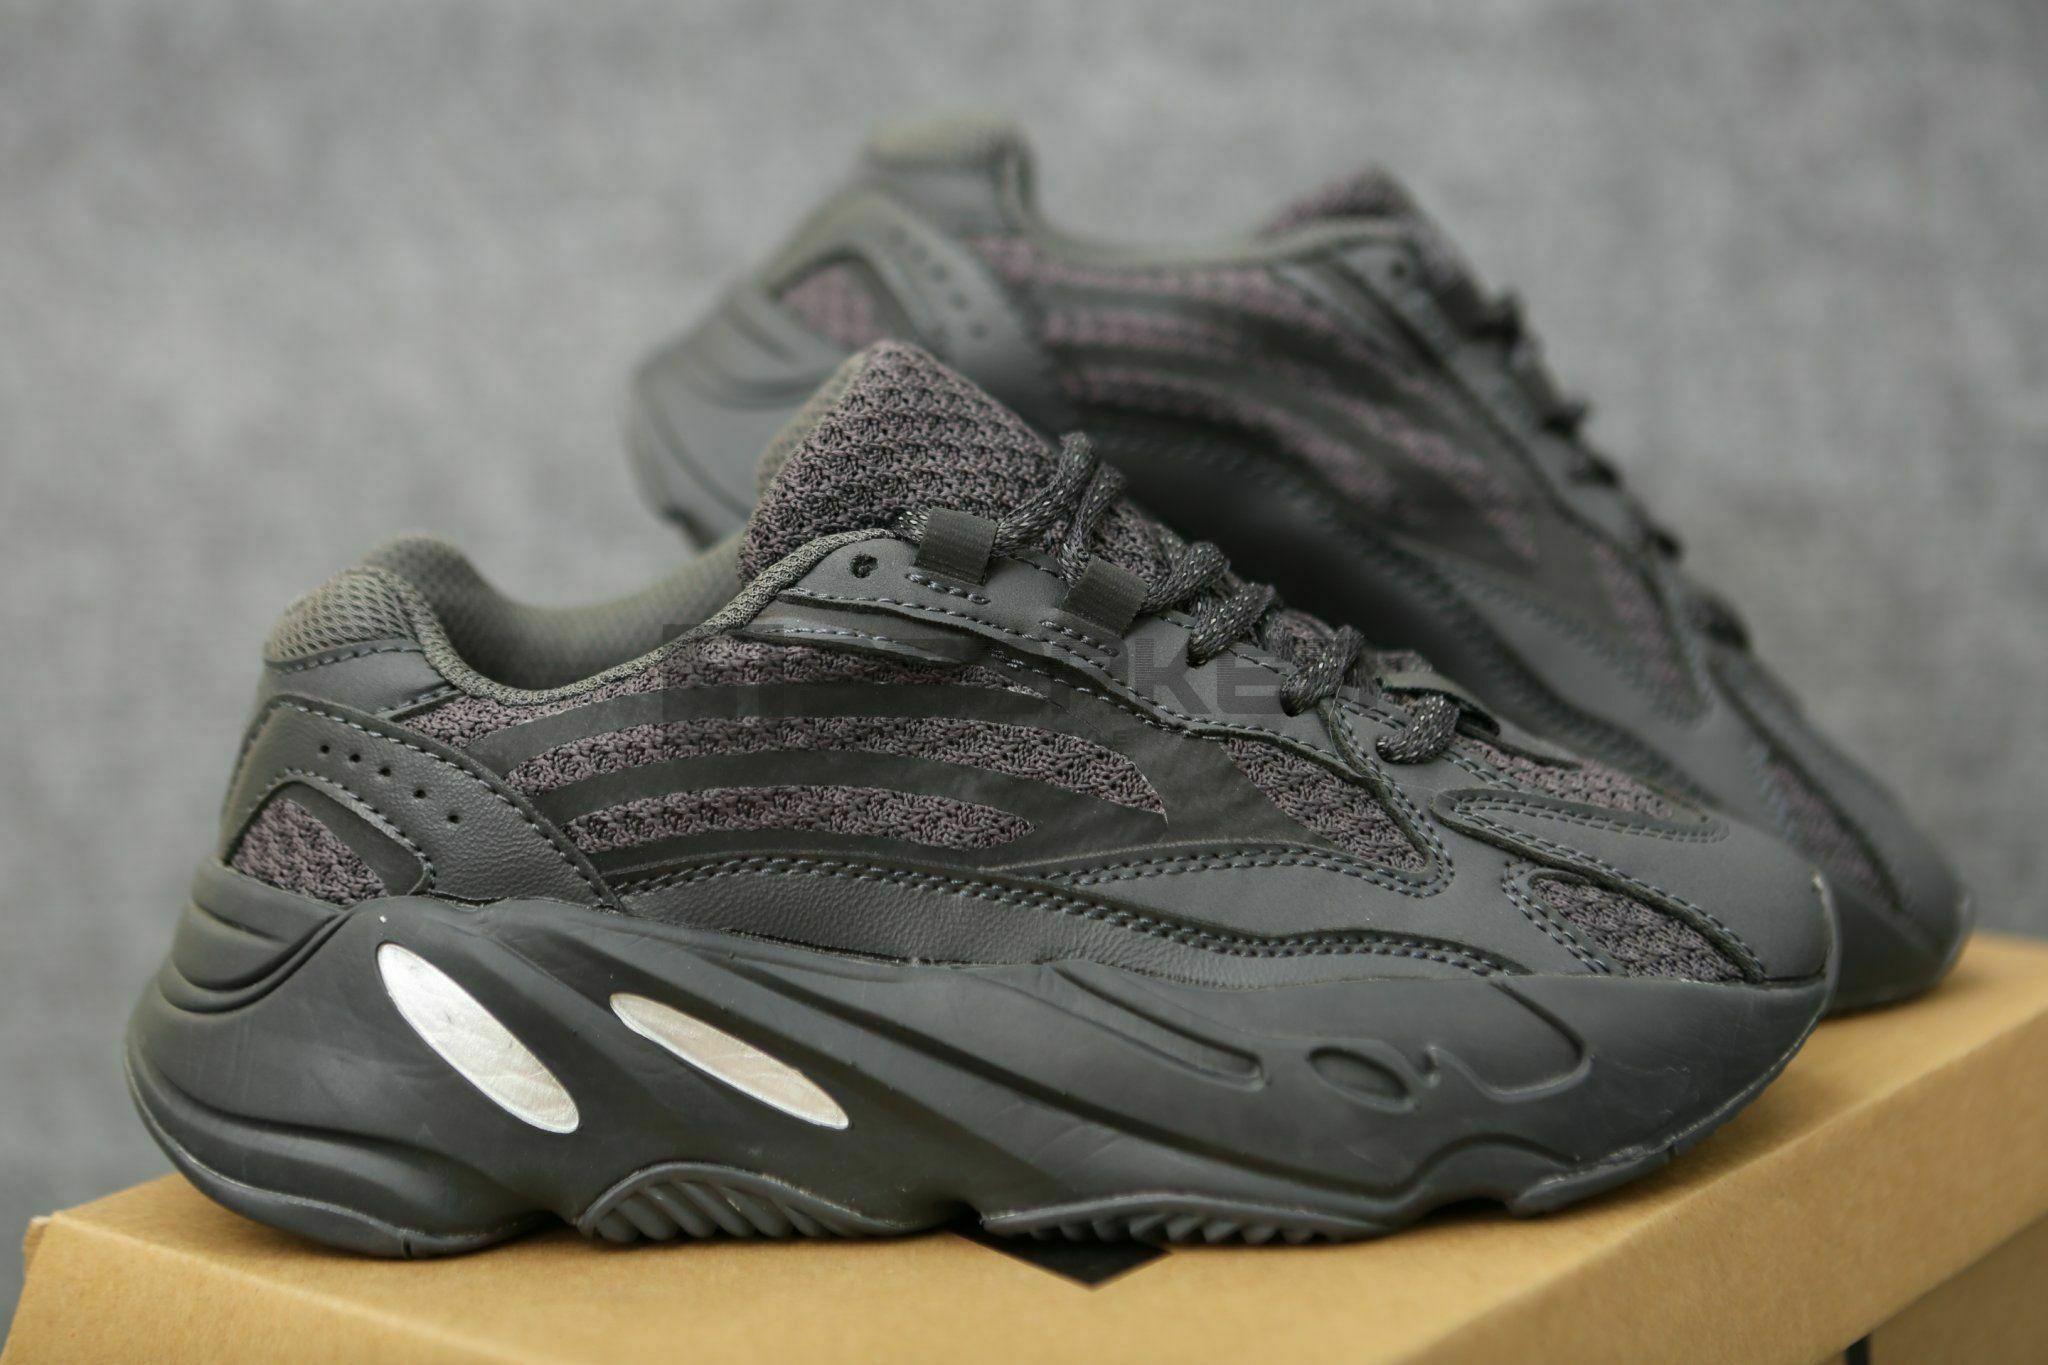 Adidas Yeezy Đen V2 700 Vanta Black mặt bên